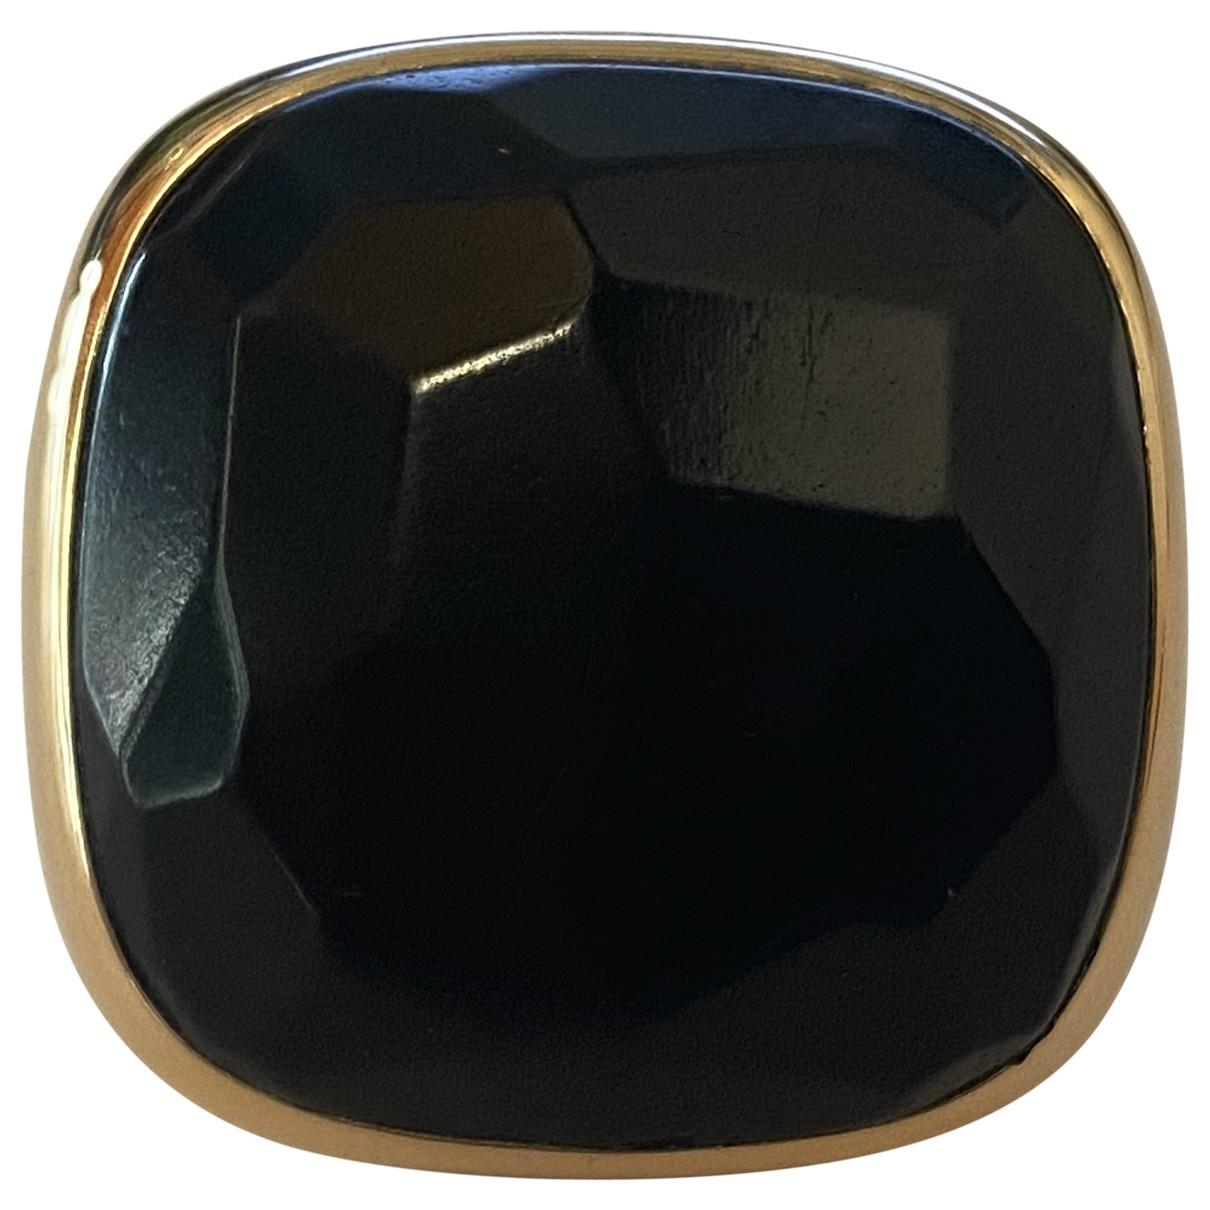 Pomellato - Bague Victoria pour femme en or rose - noir